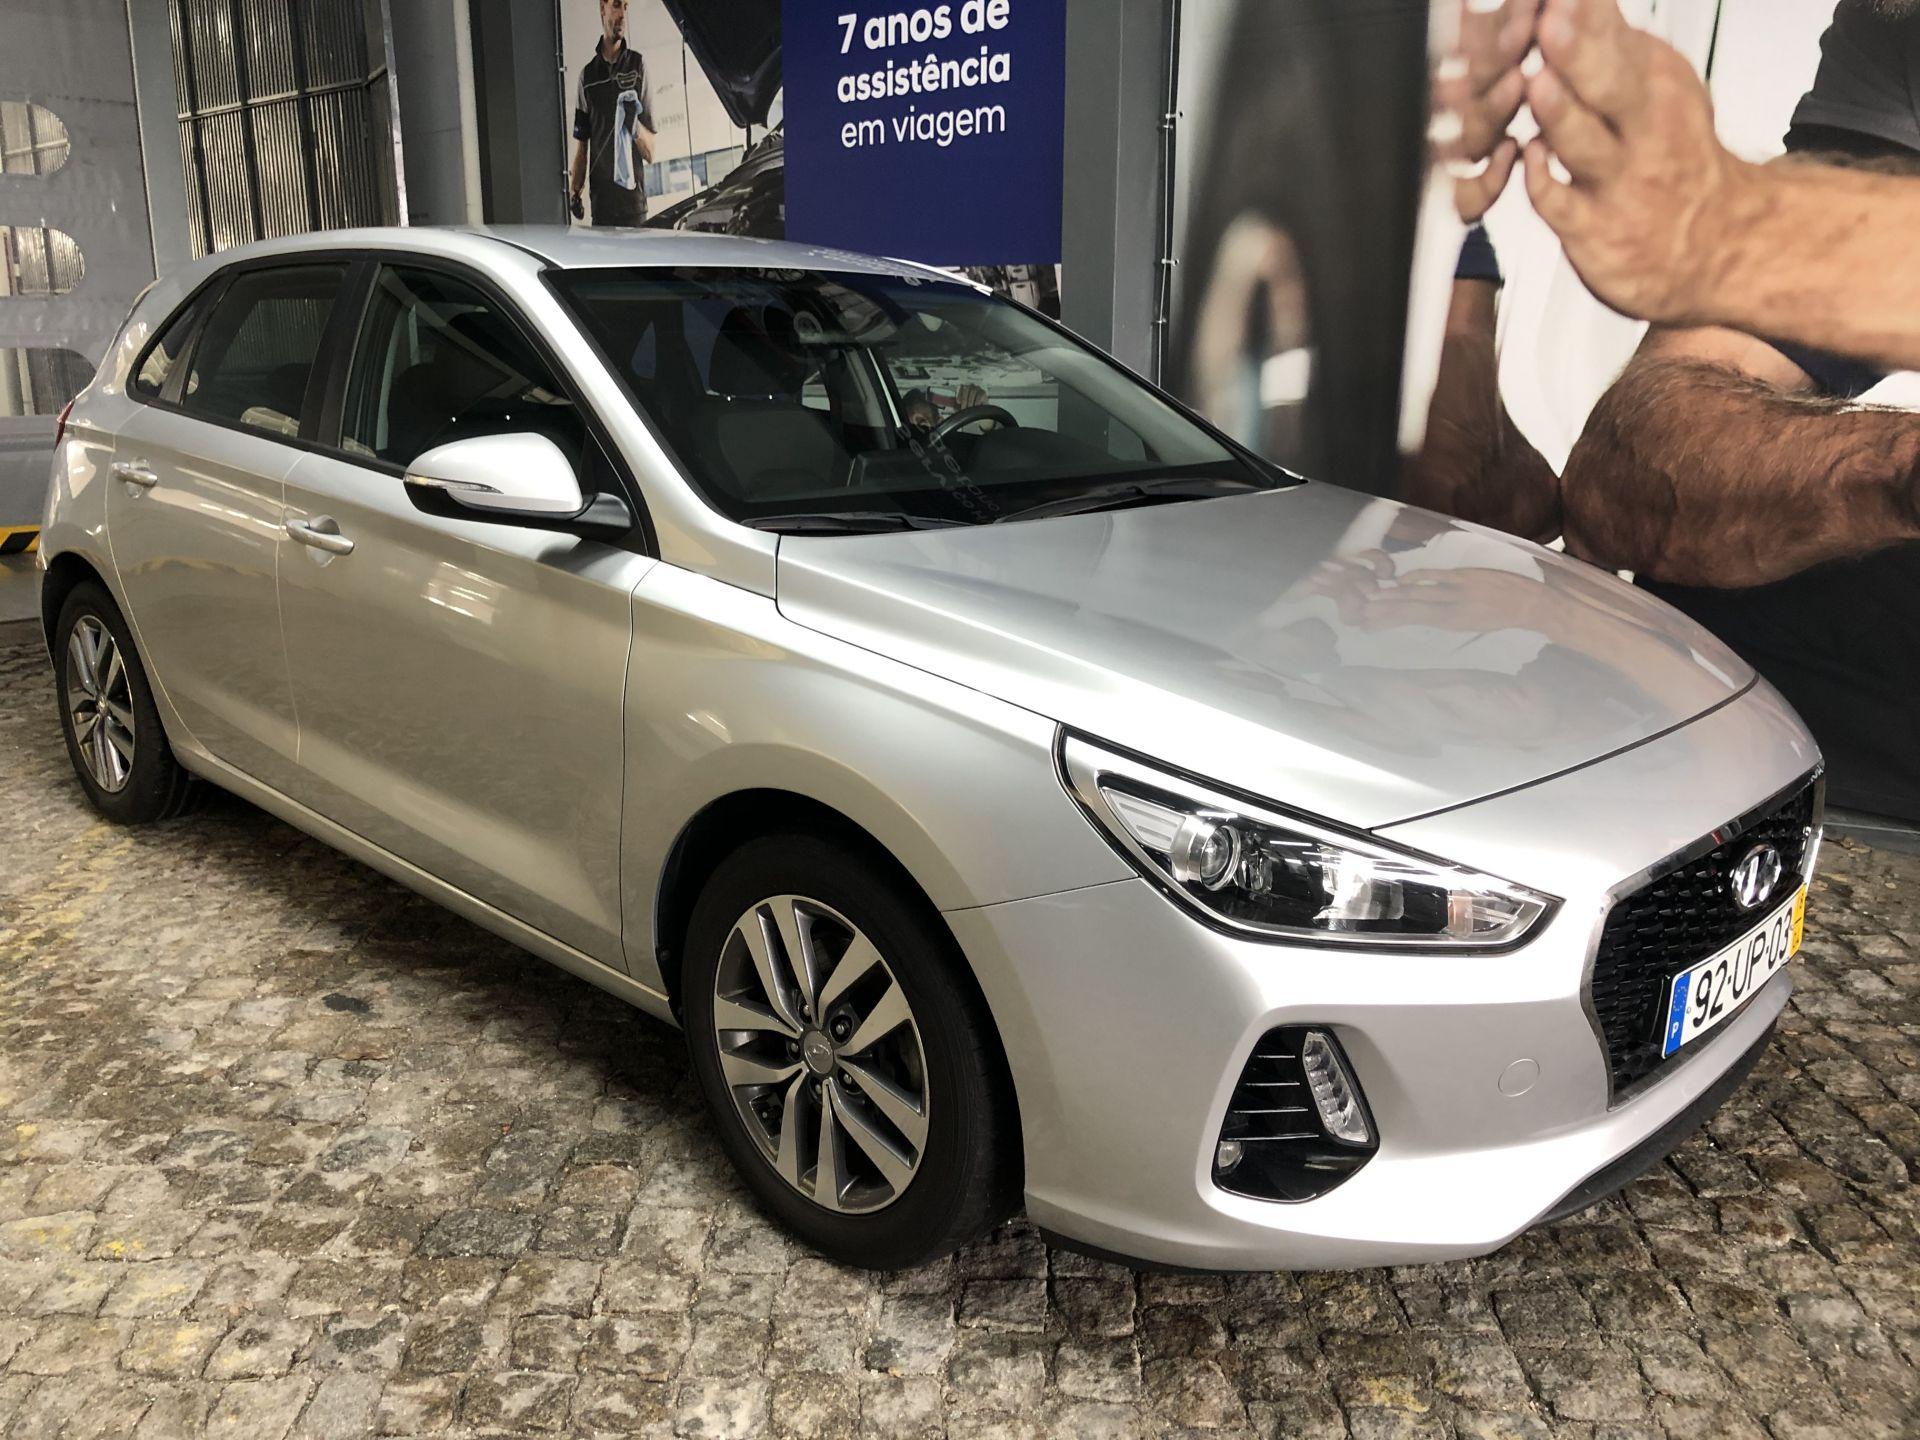 Hyundai i30 1.6 CRDi COMFORT + NAVI 110CV segunda mão Porto